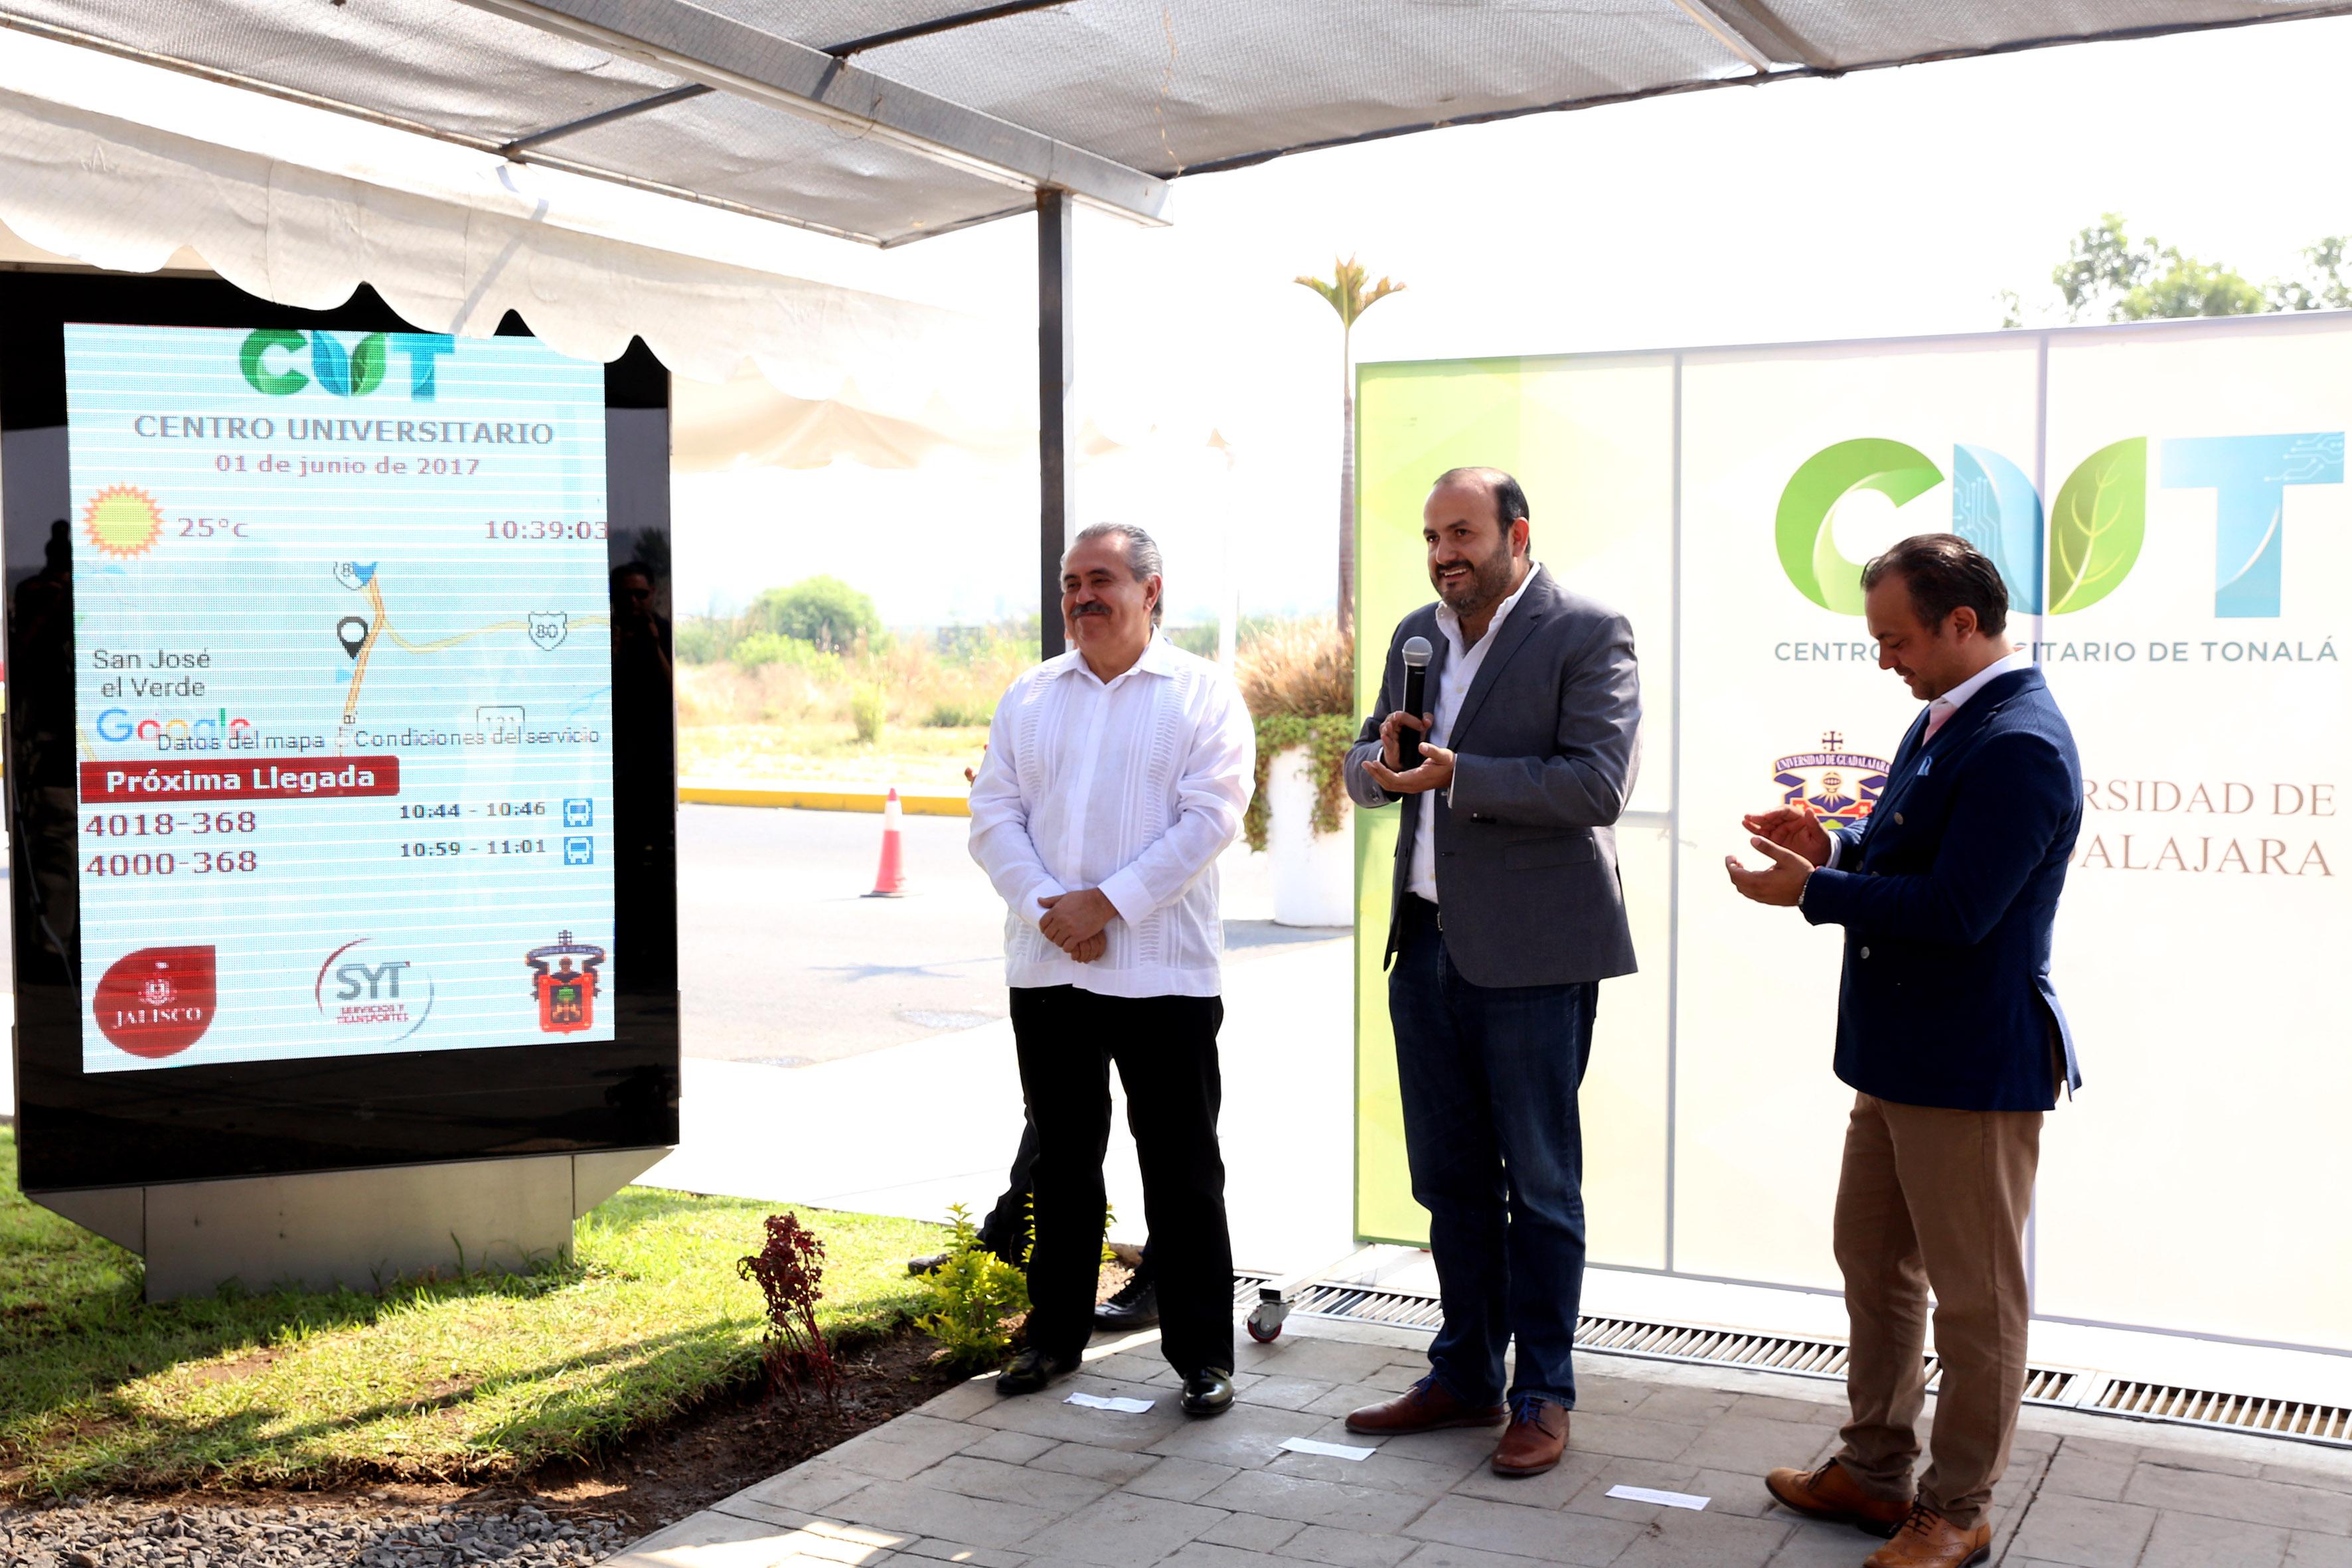 Rector de CUTonalá, doctor Ricardo Villanueva Lomelí, haciendo uso de la palabra